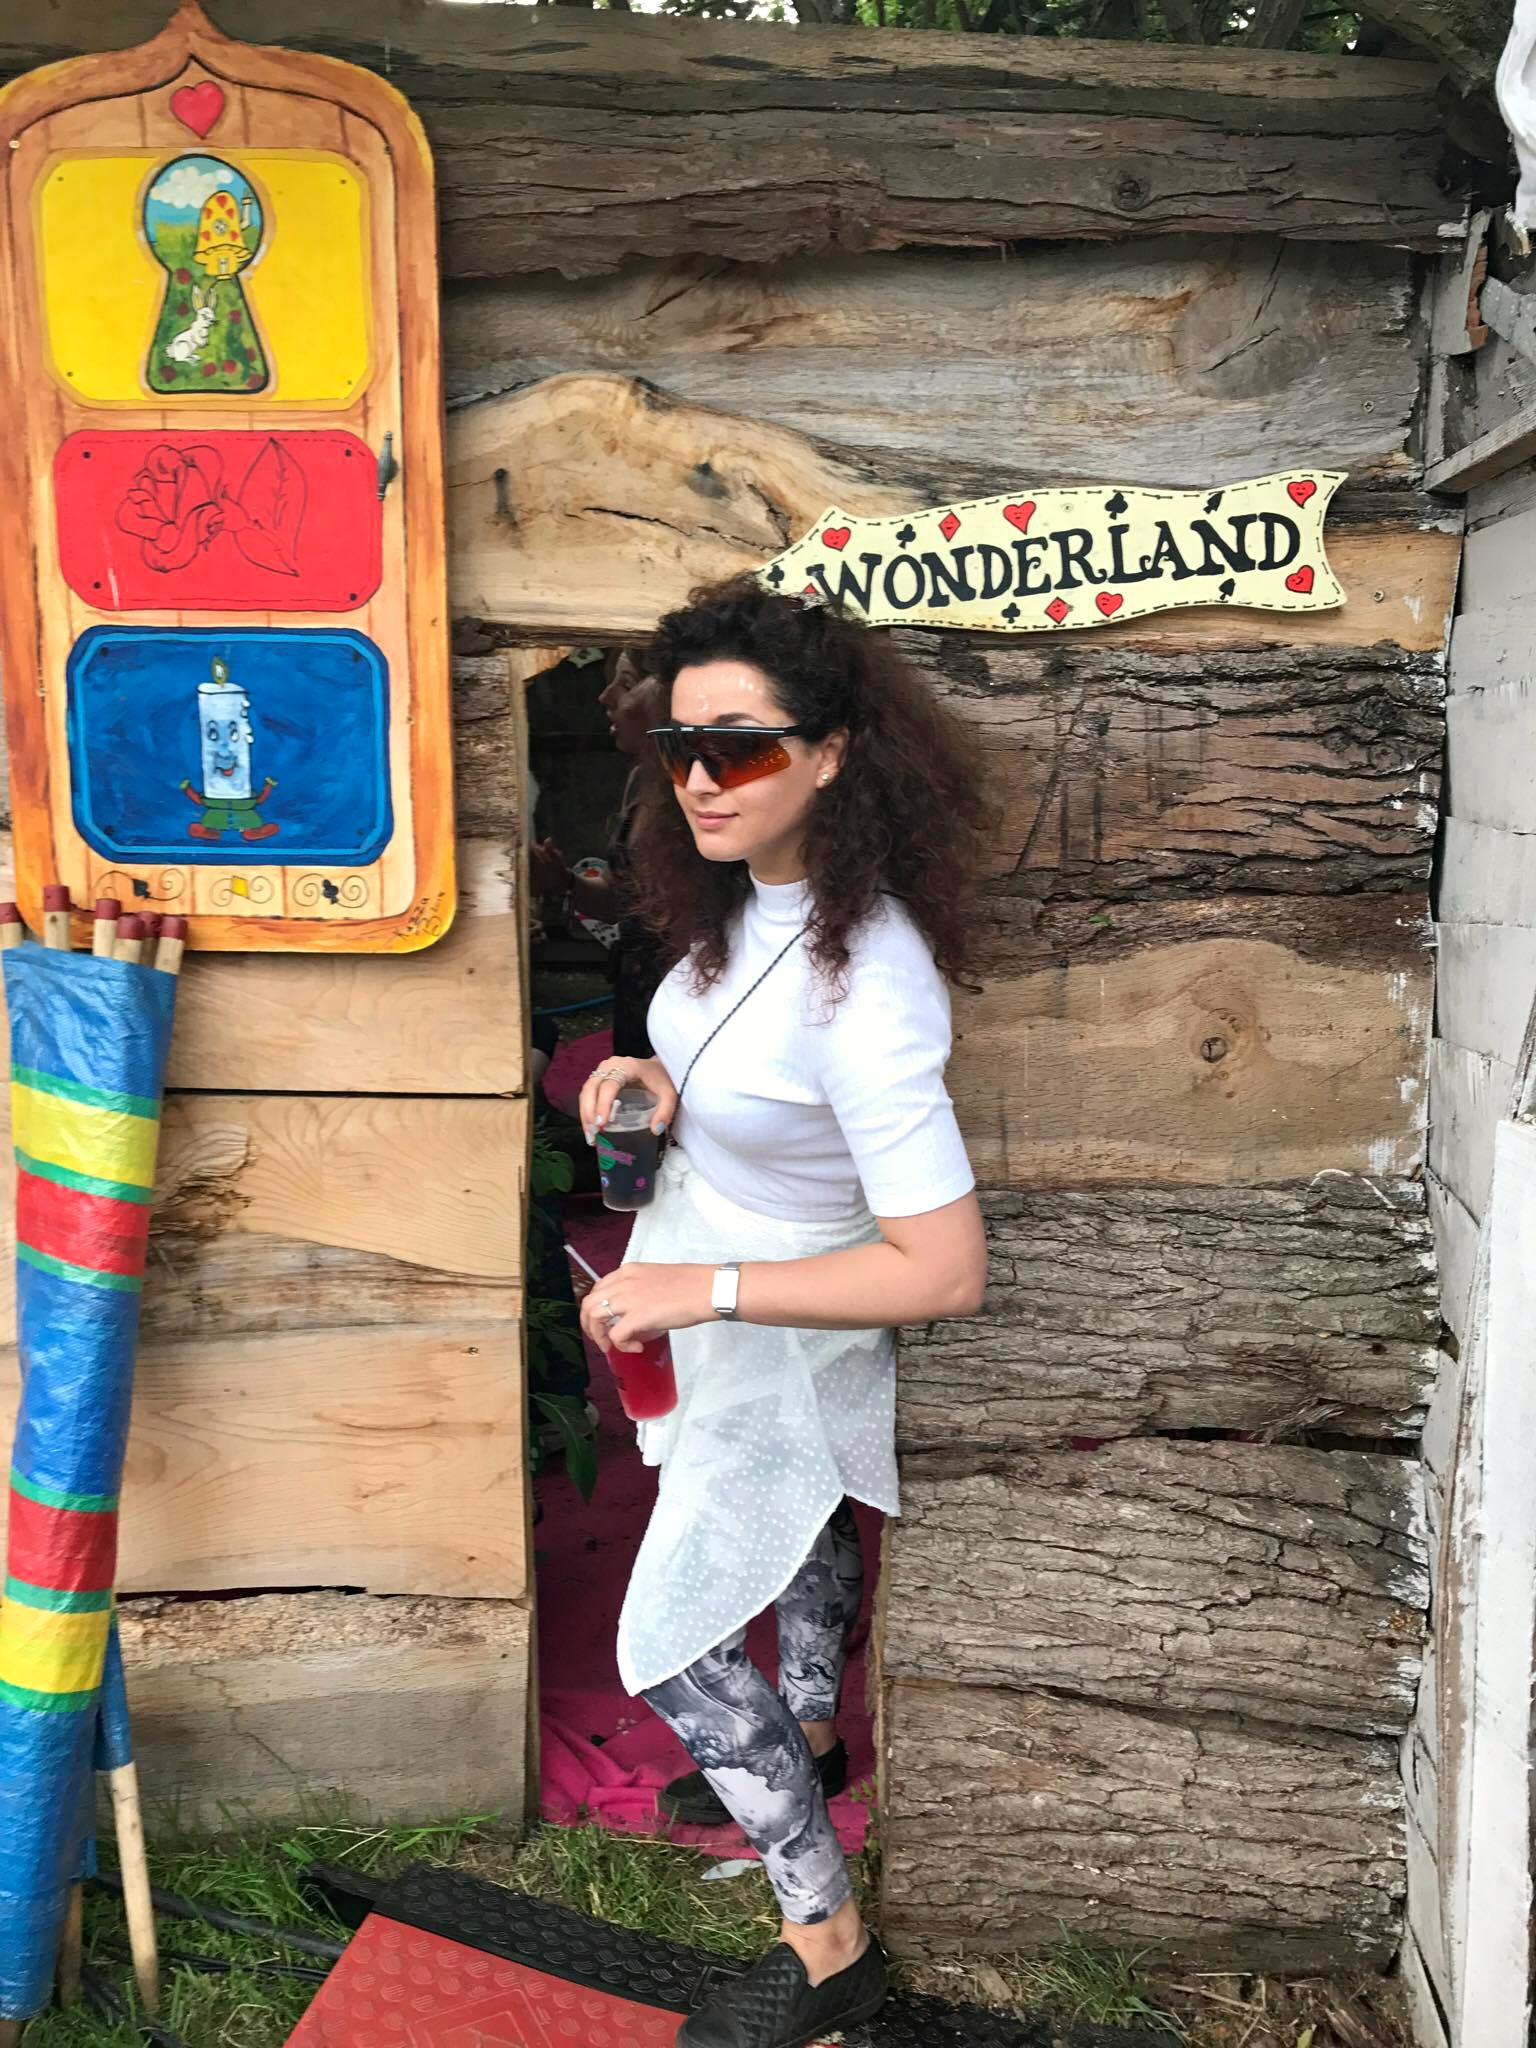 HogSozzle Wonderland